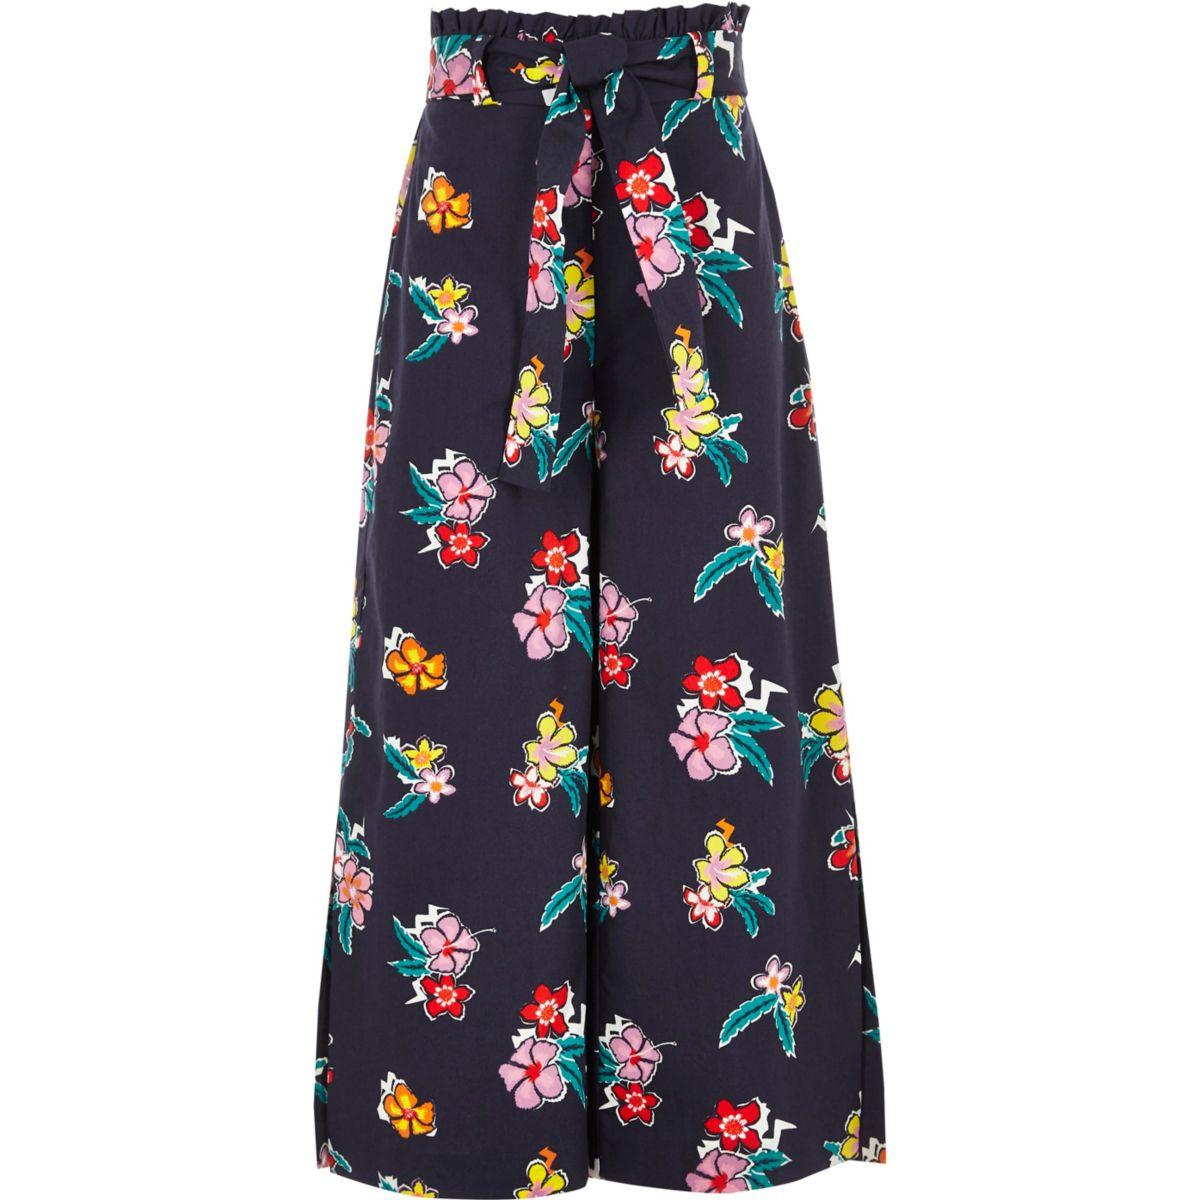 Pantalon large bleu avec taille haute ceinturée pour fille